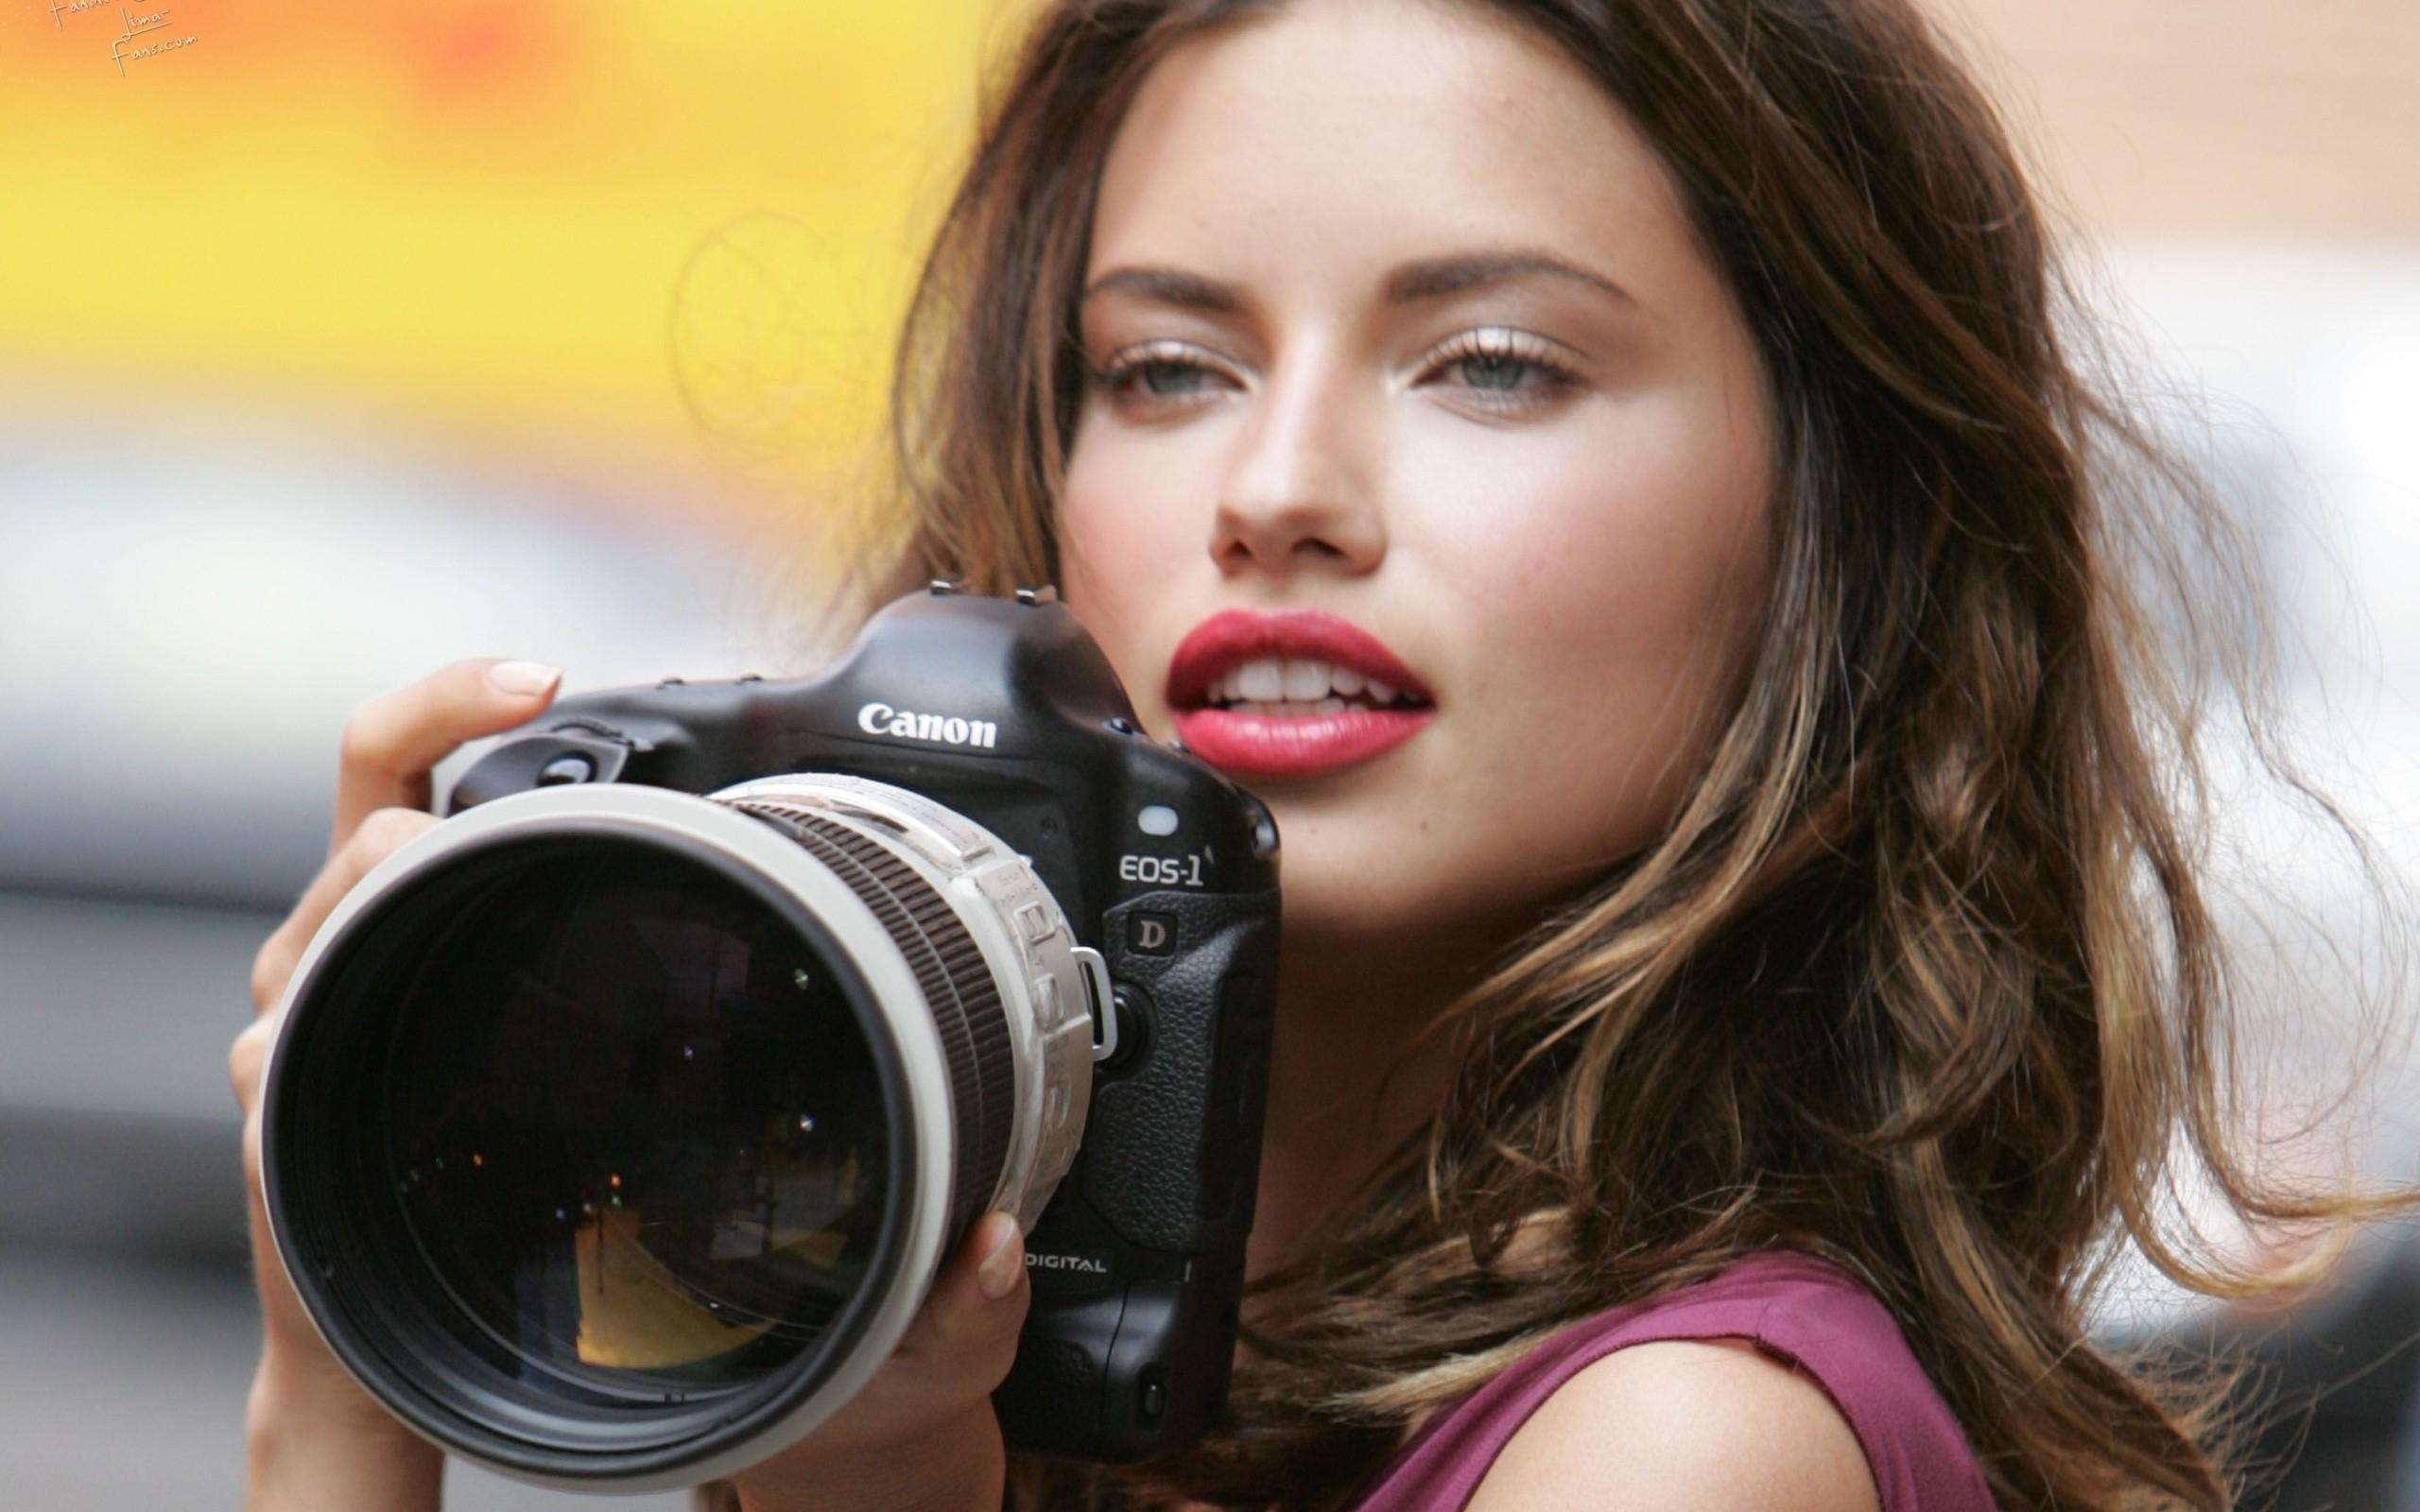 даст поиск модели для фотографа день своего рождения